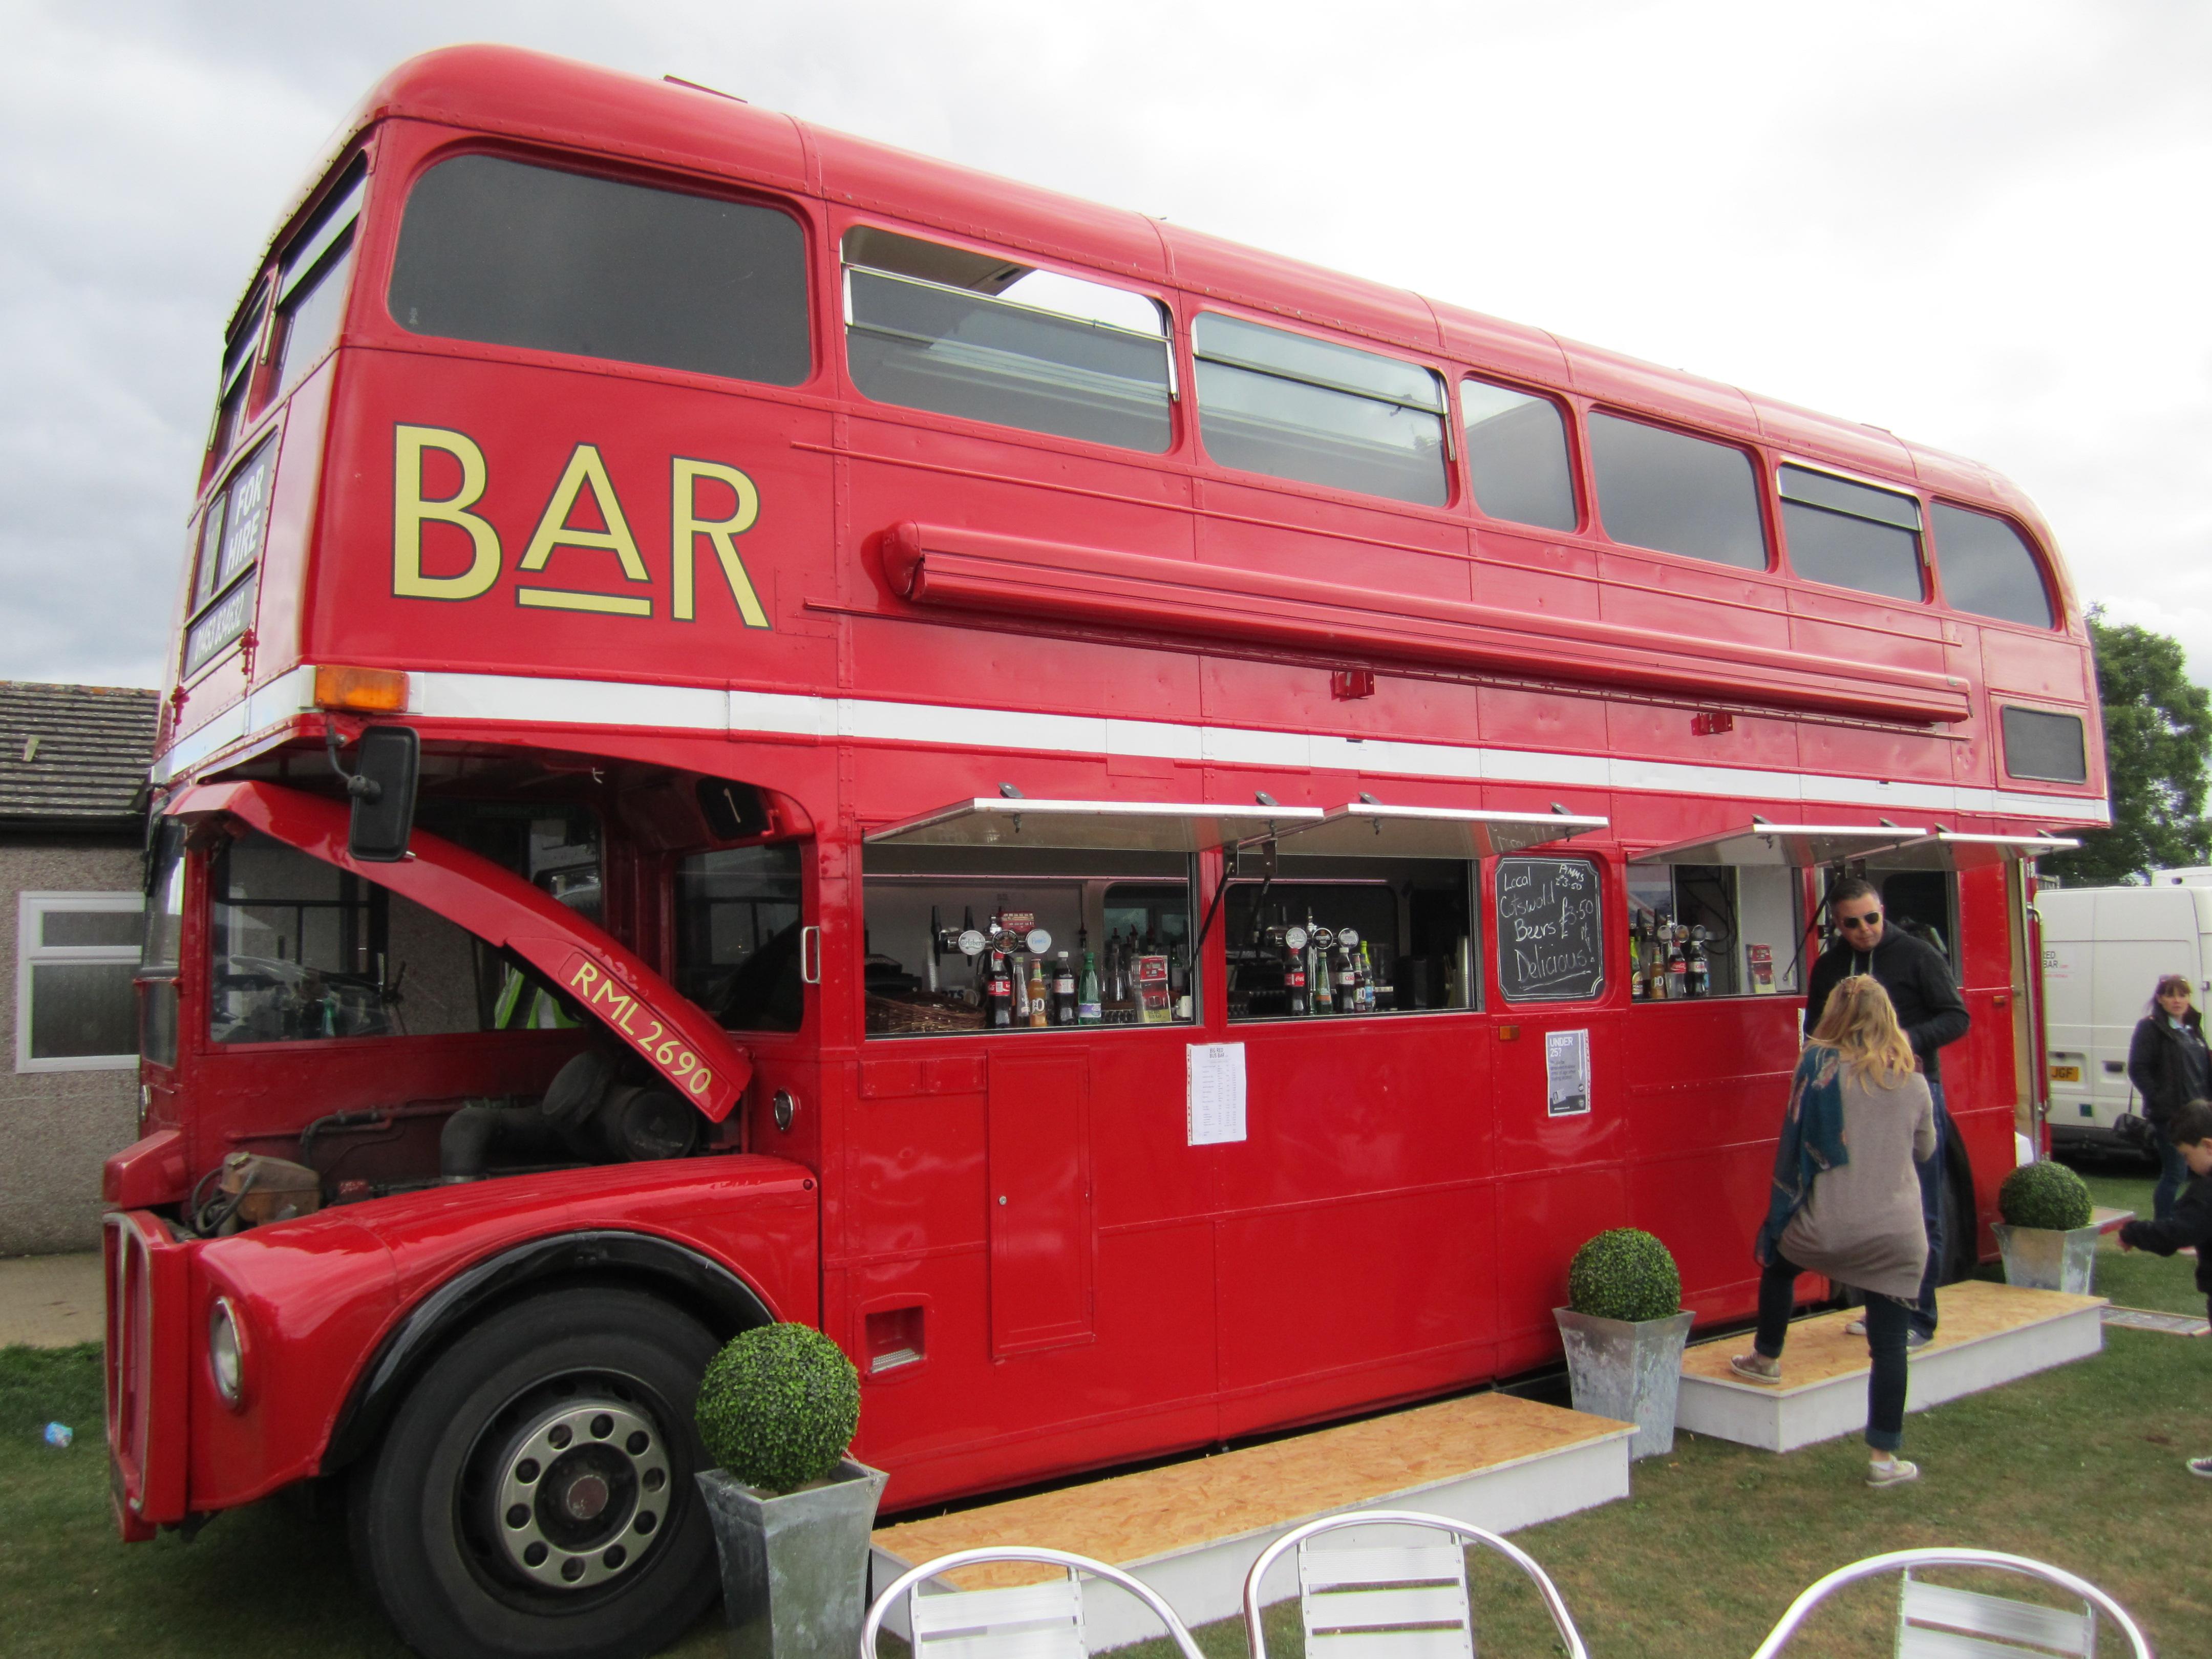 Bar Bus